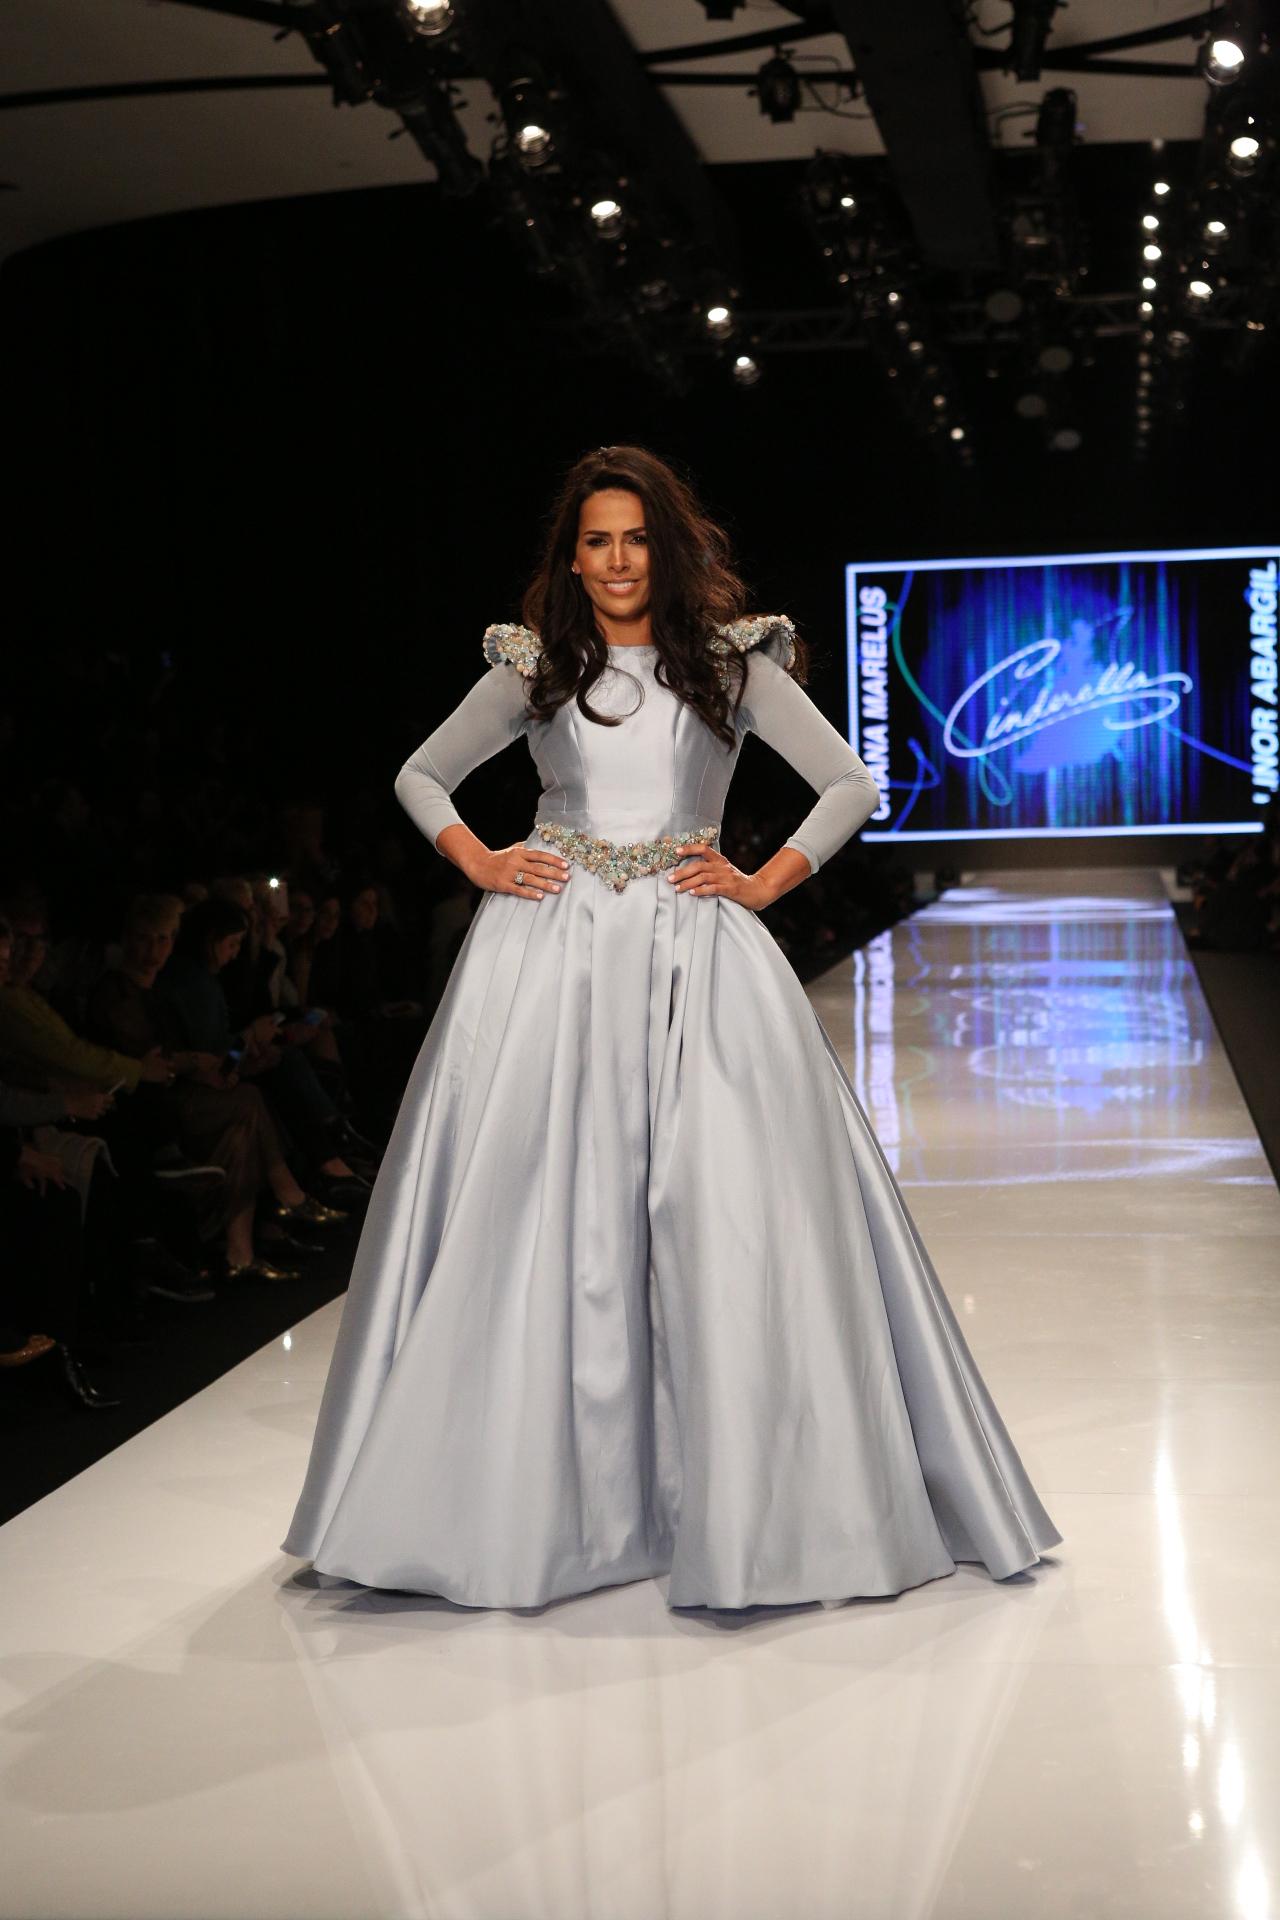 לינור אברג'יל בעיצוב של חנה מרילוס צילום עופר חן